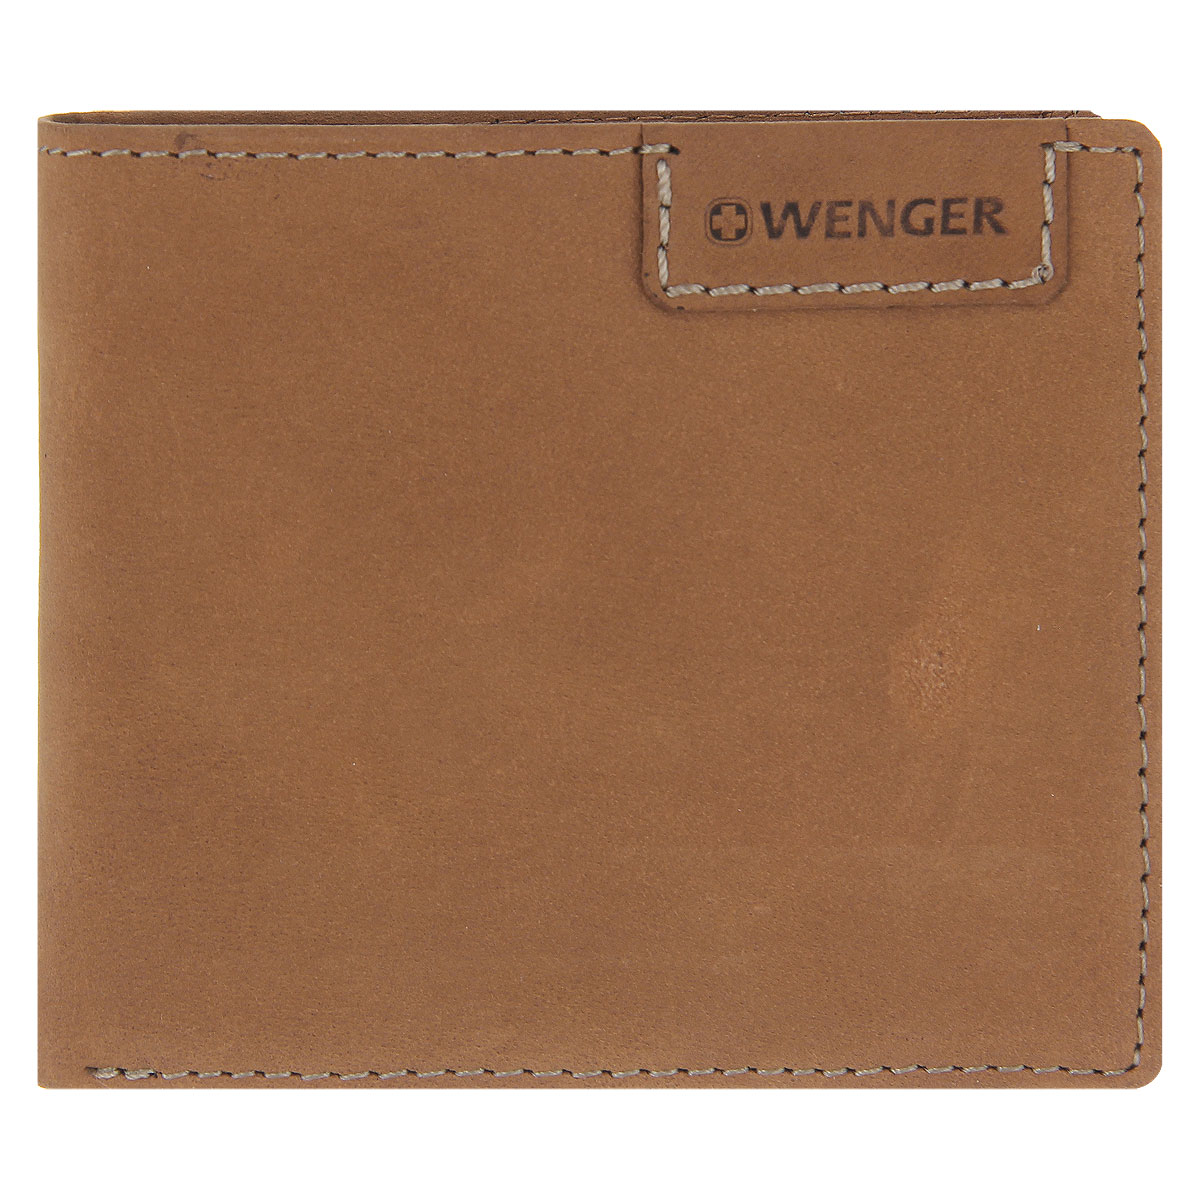 Портмоне мужское Wenger, цвет: коричневый. W11-11BM8434-58AEСтильное мужское портмоне Wenger изготовлено из натурального нубука и оформлено декоративной прострочкой, а также тиснениями в виде логотипа и названия бренда на лицевой стороне. Внутри - одно отделение для купюр, отсек для мелочи на замке-кнопке, два боковых кармана и четыре прорези для визиток и кредитных карт, а также перекидной блок (с сетчатым карманом для фото, четырьмя прорезями и одним боковым карманом). Изюминкой модели является съемный блок из мягкого прозрачного пластика на пять визиток.Портмоне упаковано в изысканную фирменную коробку.Модное портмоне Wenger не оставит равнодушным истинного ценителя прекрасного.По всем вопросам гарантийного и постгарантийного обслуживания рюкзаков, чемоданов, спортивных и кожаных сумок, а также портмоне марок Wenger и SwissGear вы можете обратиться в сервис-центр, расположенный по адресу: г. Москва, Саввинская набережная, д.3. Тел: (495) 788-39-96, (499) 248-56-56, ежедневно с 9:00 до 21:00. Подробные условия гарантийного обслуживания приведены в гарантийном талоне, поставляемым в комплекте с каждым изделием. Бесплатный ремонт изделий производится при условии предоставления гарантийного талона и товарного/кассового чека, подтверждающего дату покупки.